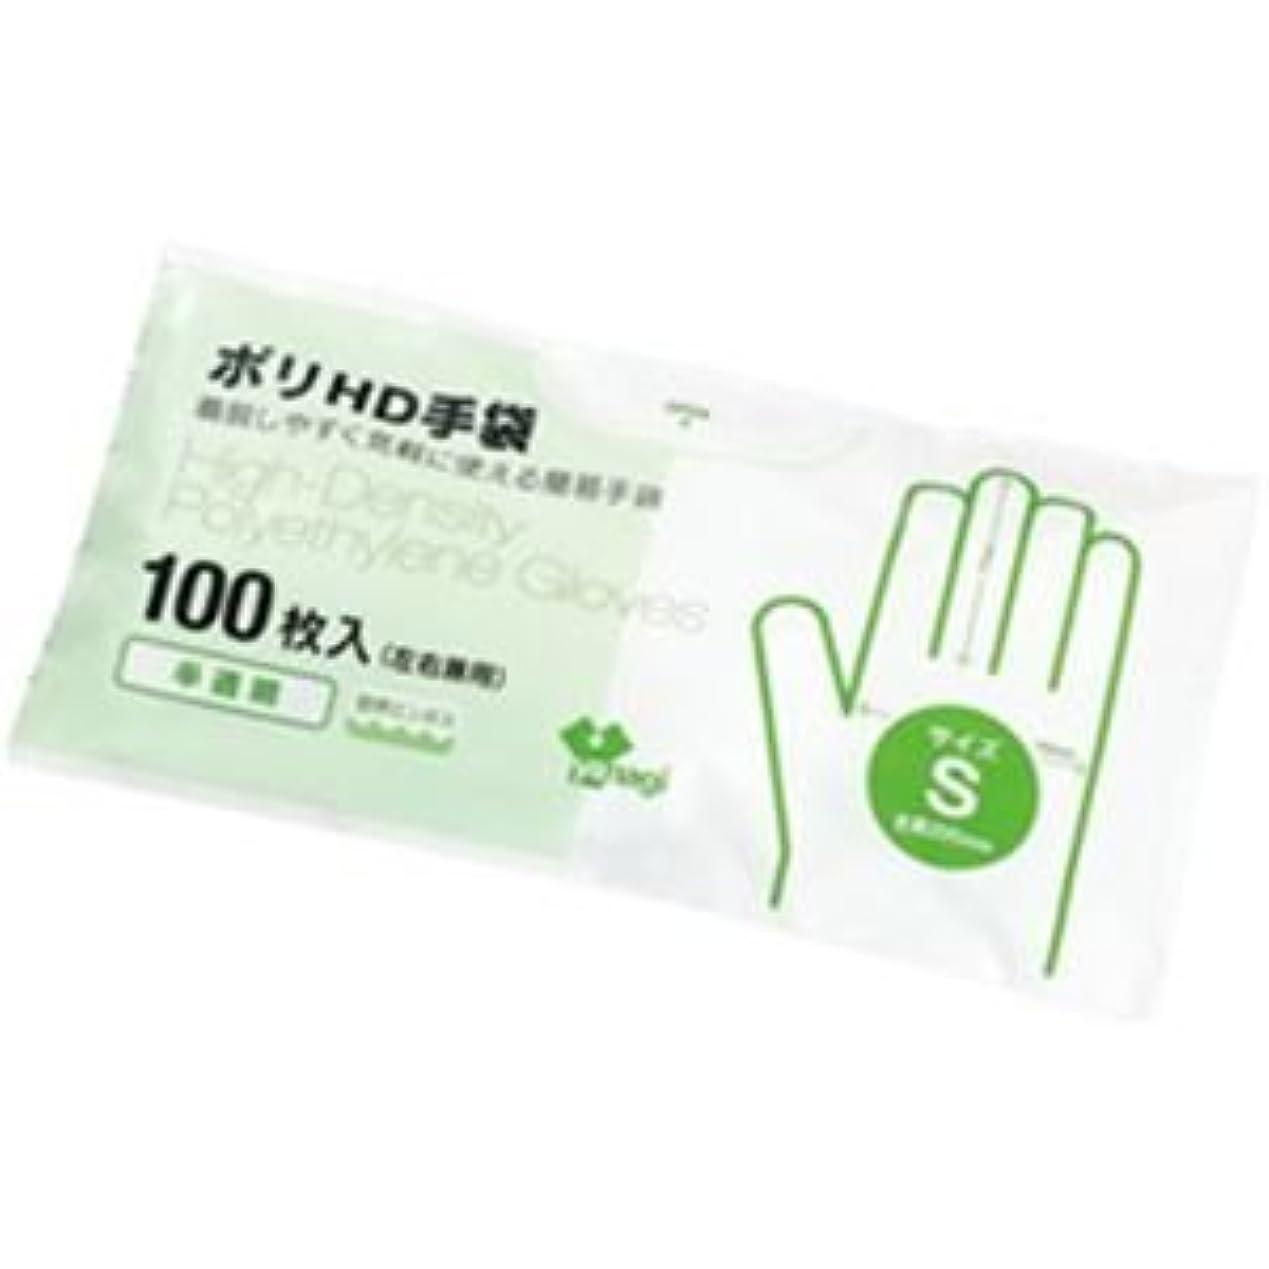 座る手錠座る(業務用セット) やなぎプロダクツ 高密度ポリエチレン手袋 S 半透明 1箱(100枚) 【×30セット】